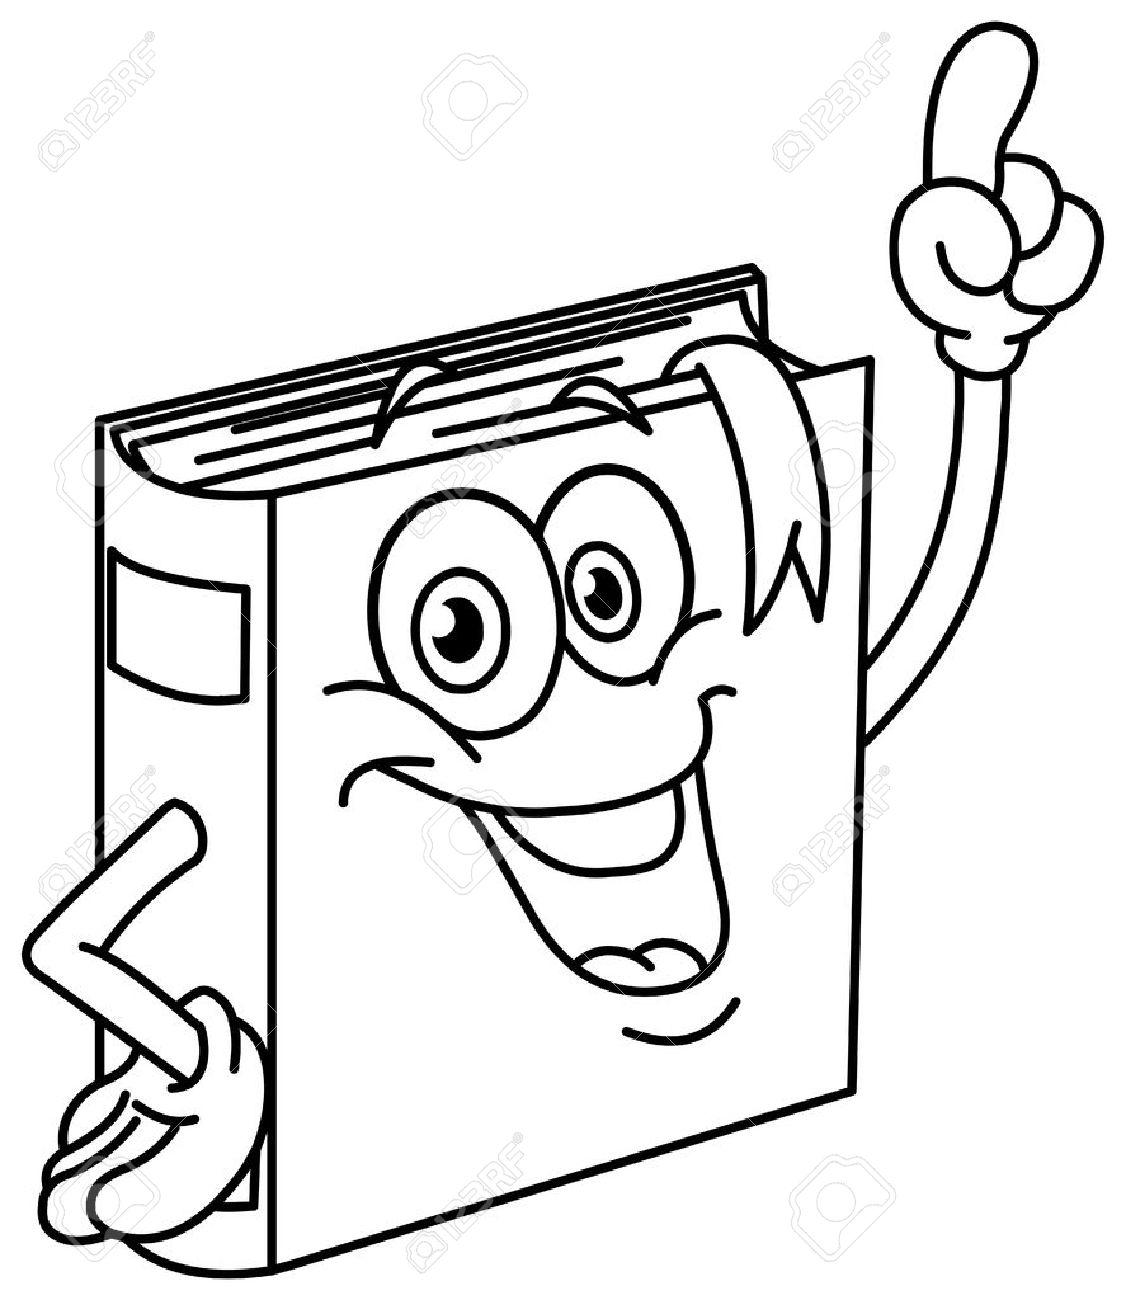 Esbozado Dibujo Animado Libro Señala Con Su Dedo. Vector Las ...